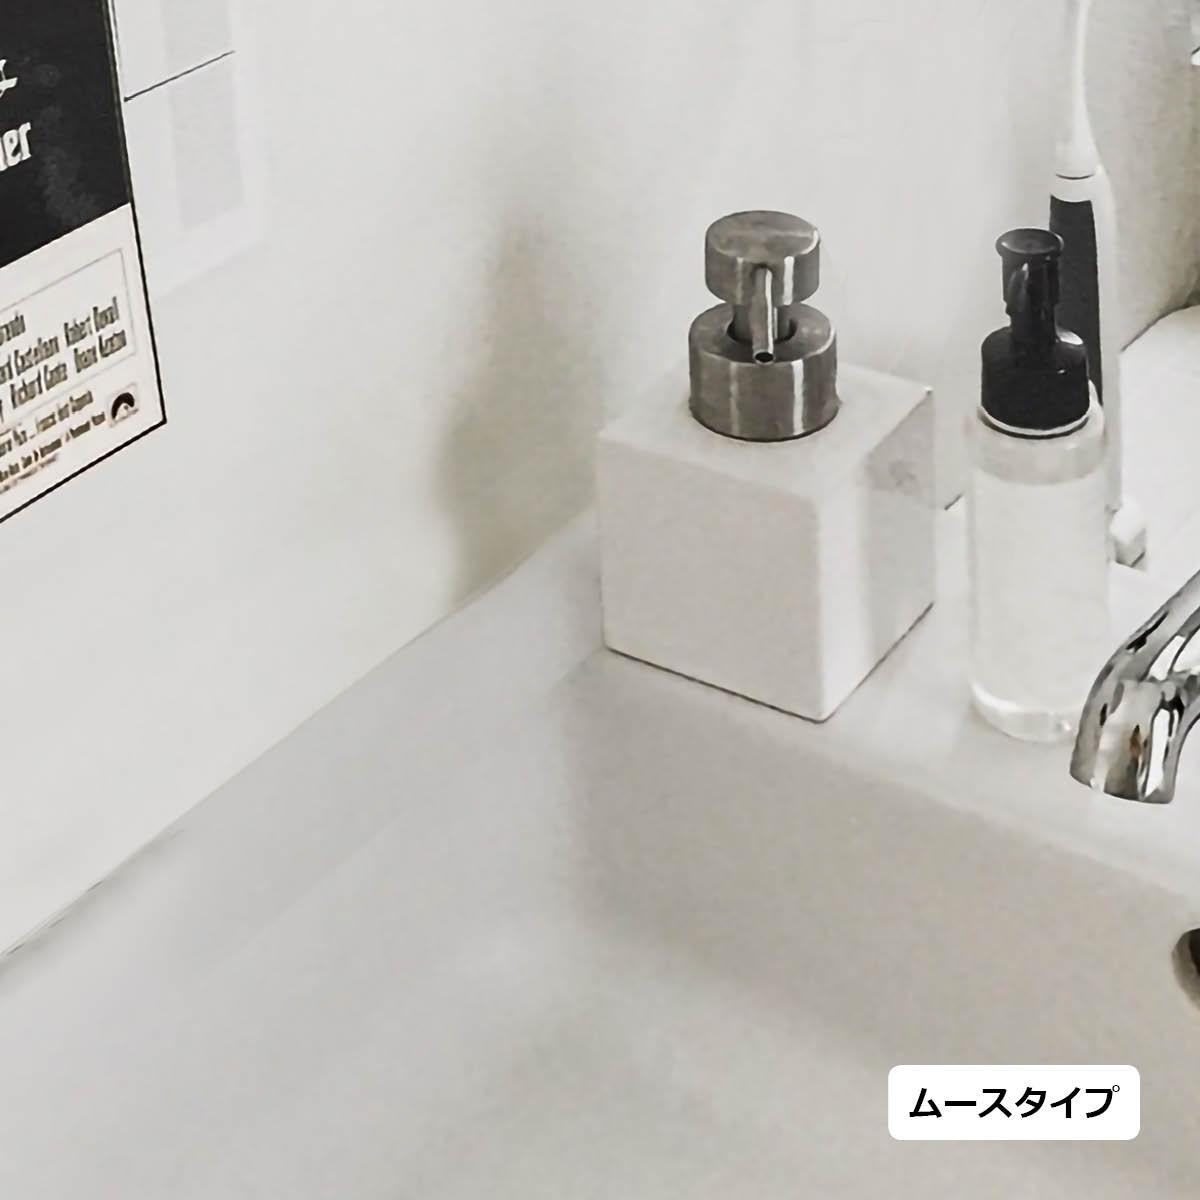 ハンドソープ ディスペンサー 詰め替えボトル 陶器 泡 [b2c セラミック ムースボトル-mini]#SL_BT